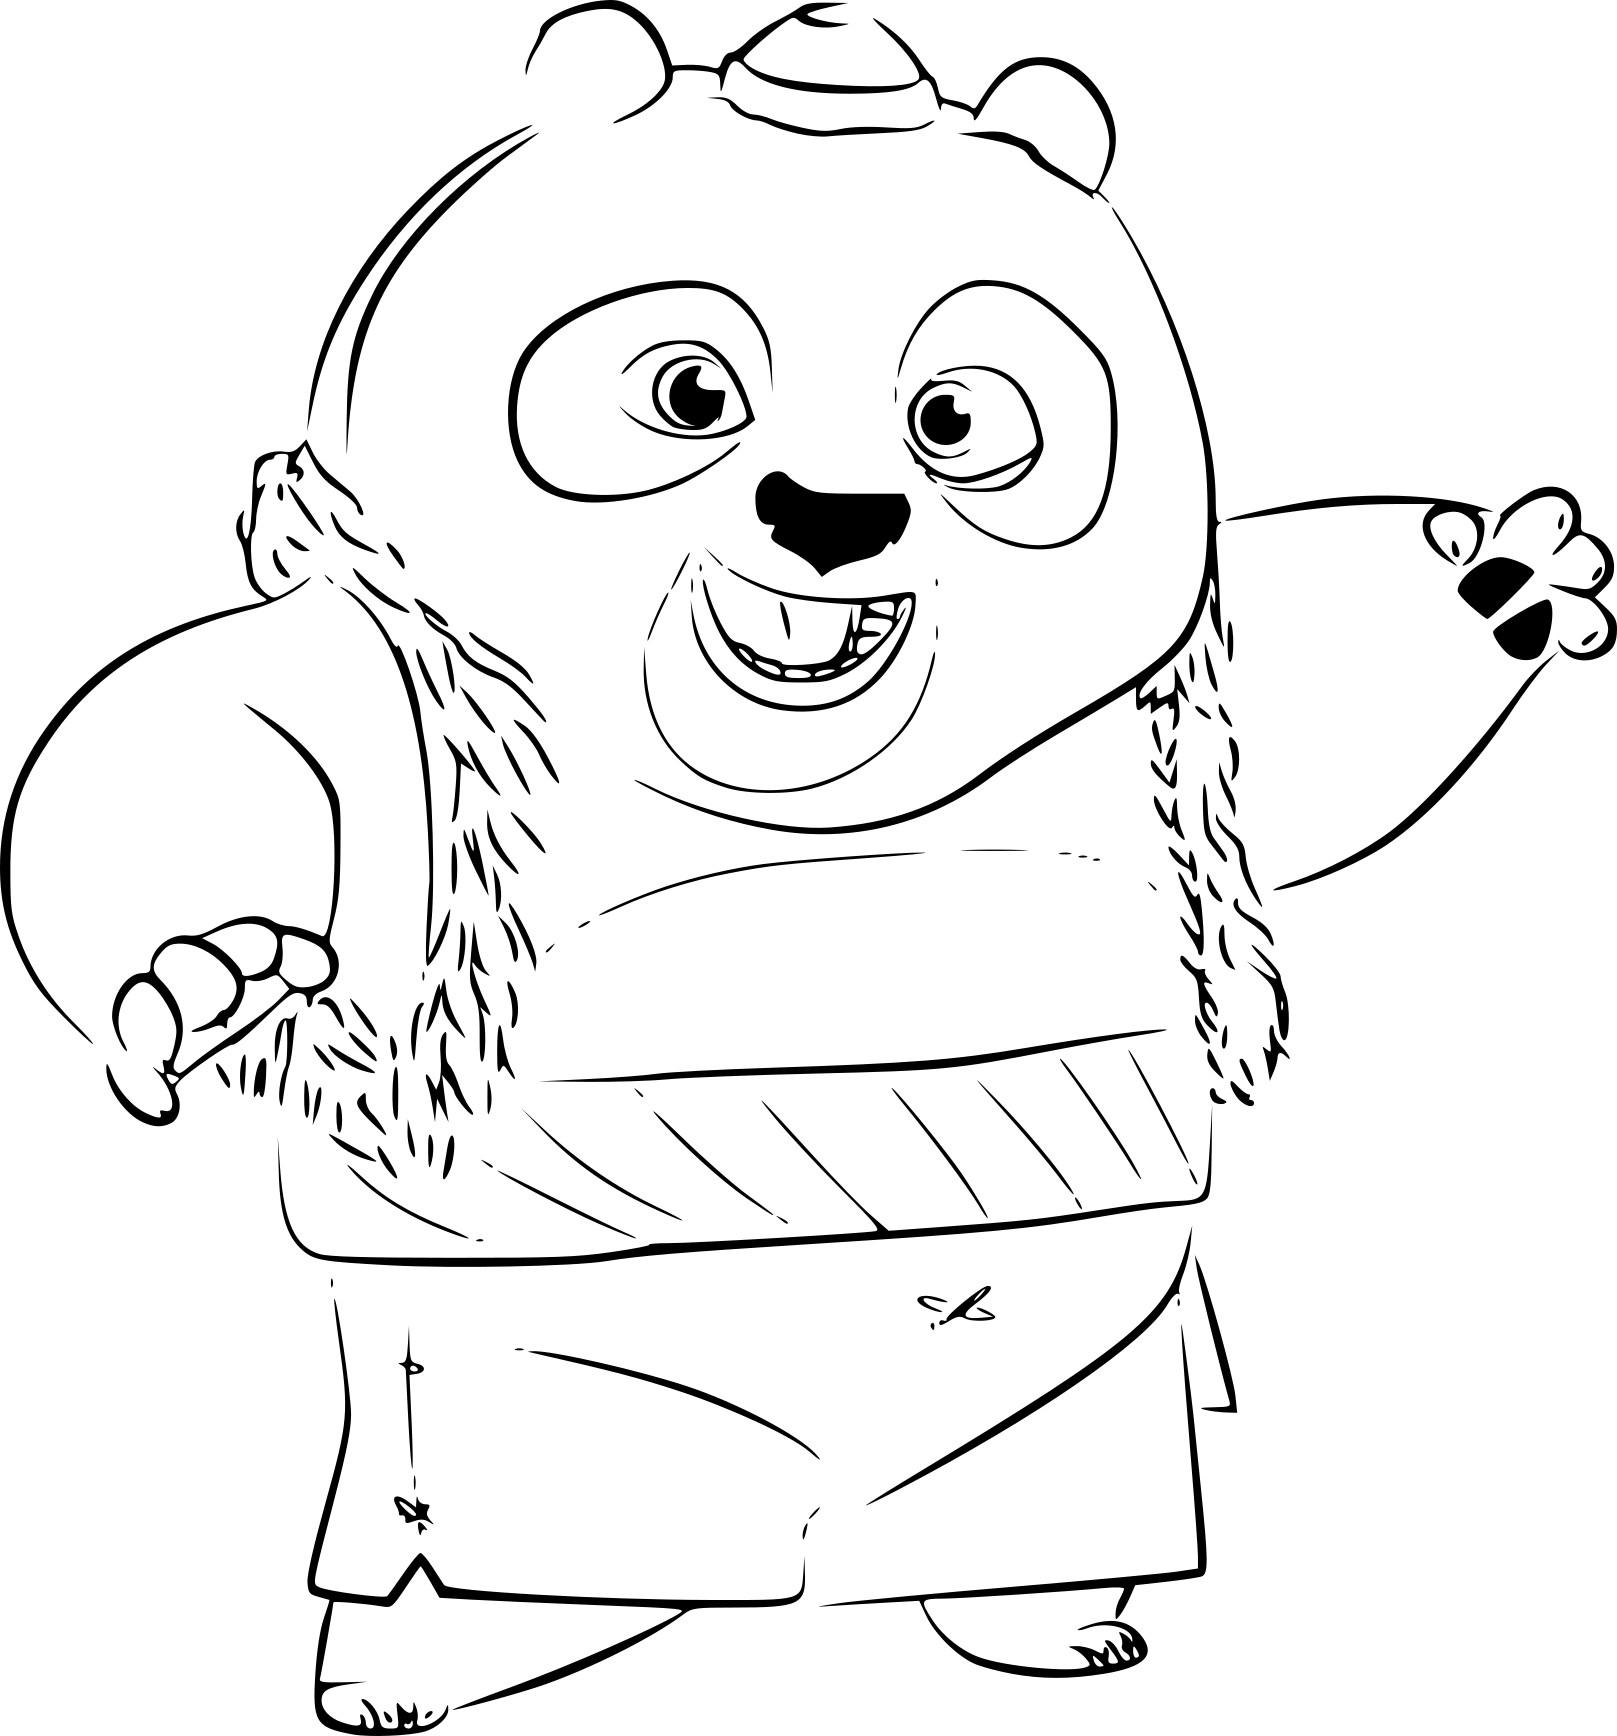 Luxe Dessin De Kung Fu Panda A Colorier encequiconcerne Panda A Colorier